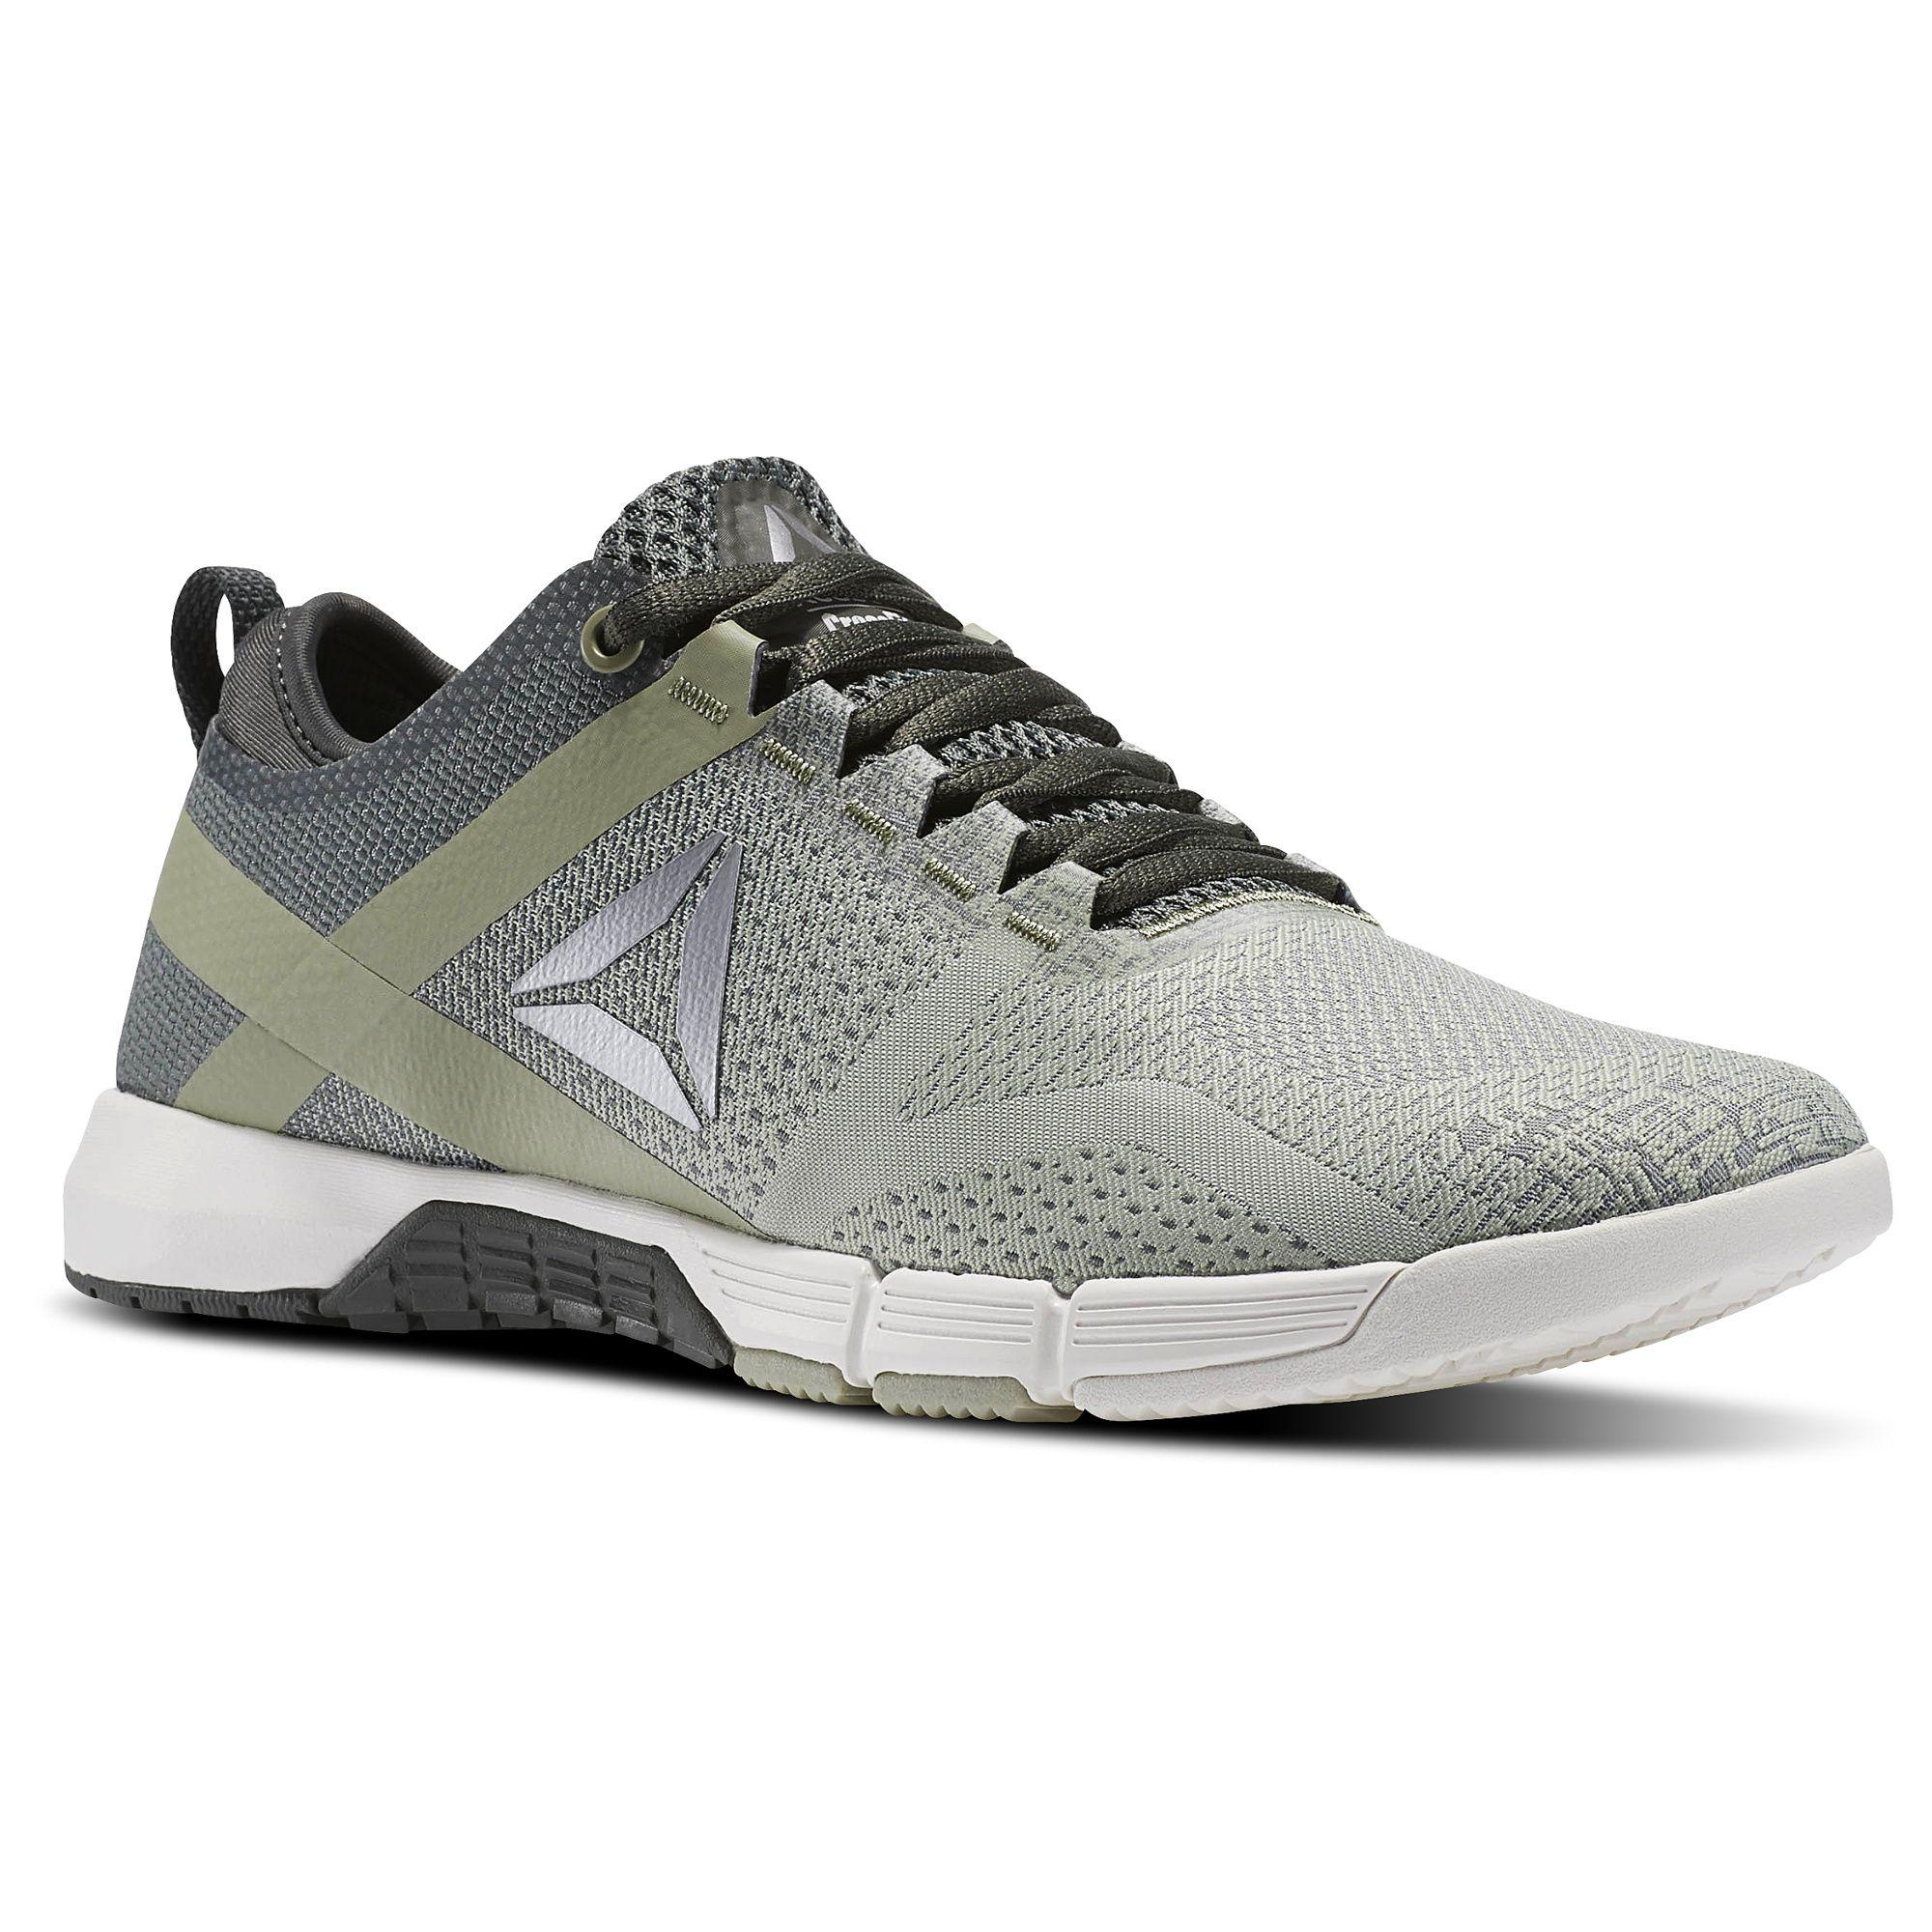 Reebok CrossFit® Grace Women's Training Shoes